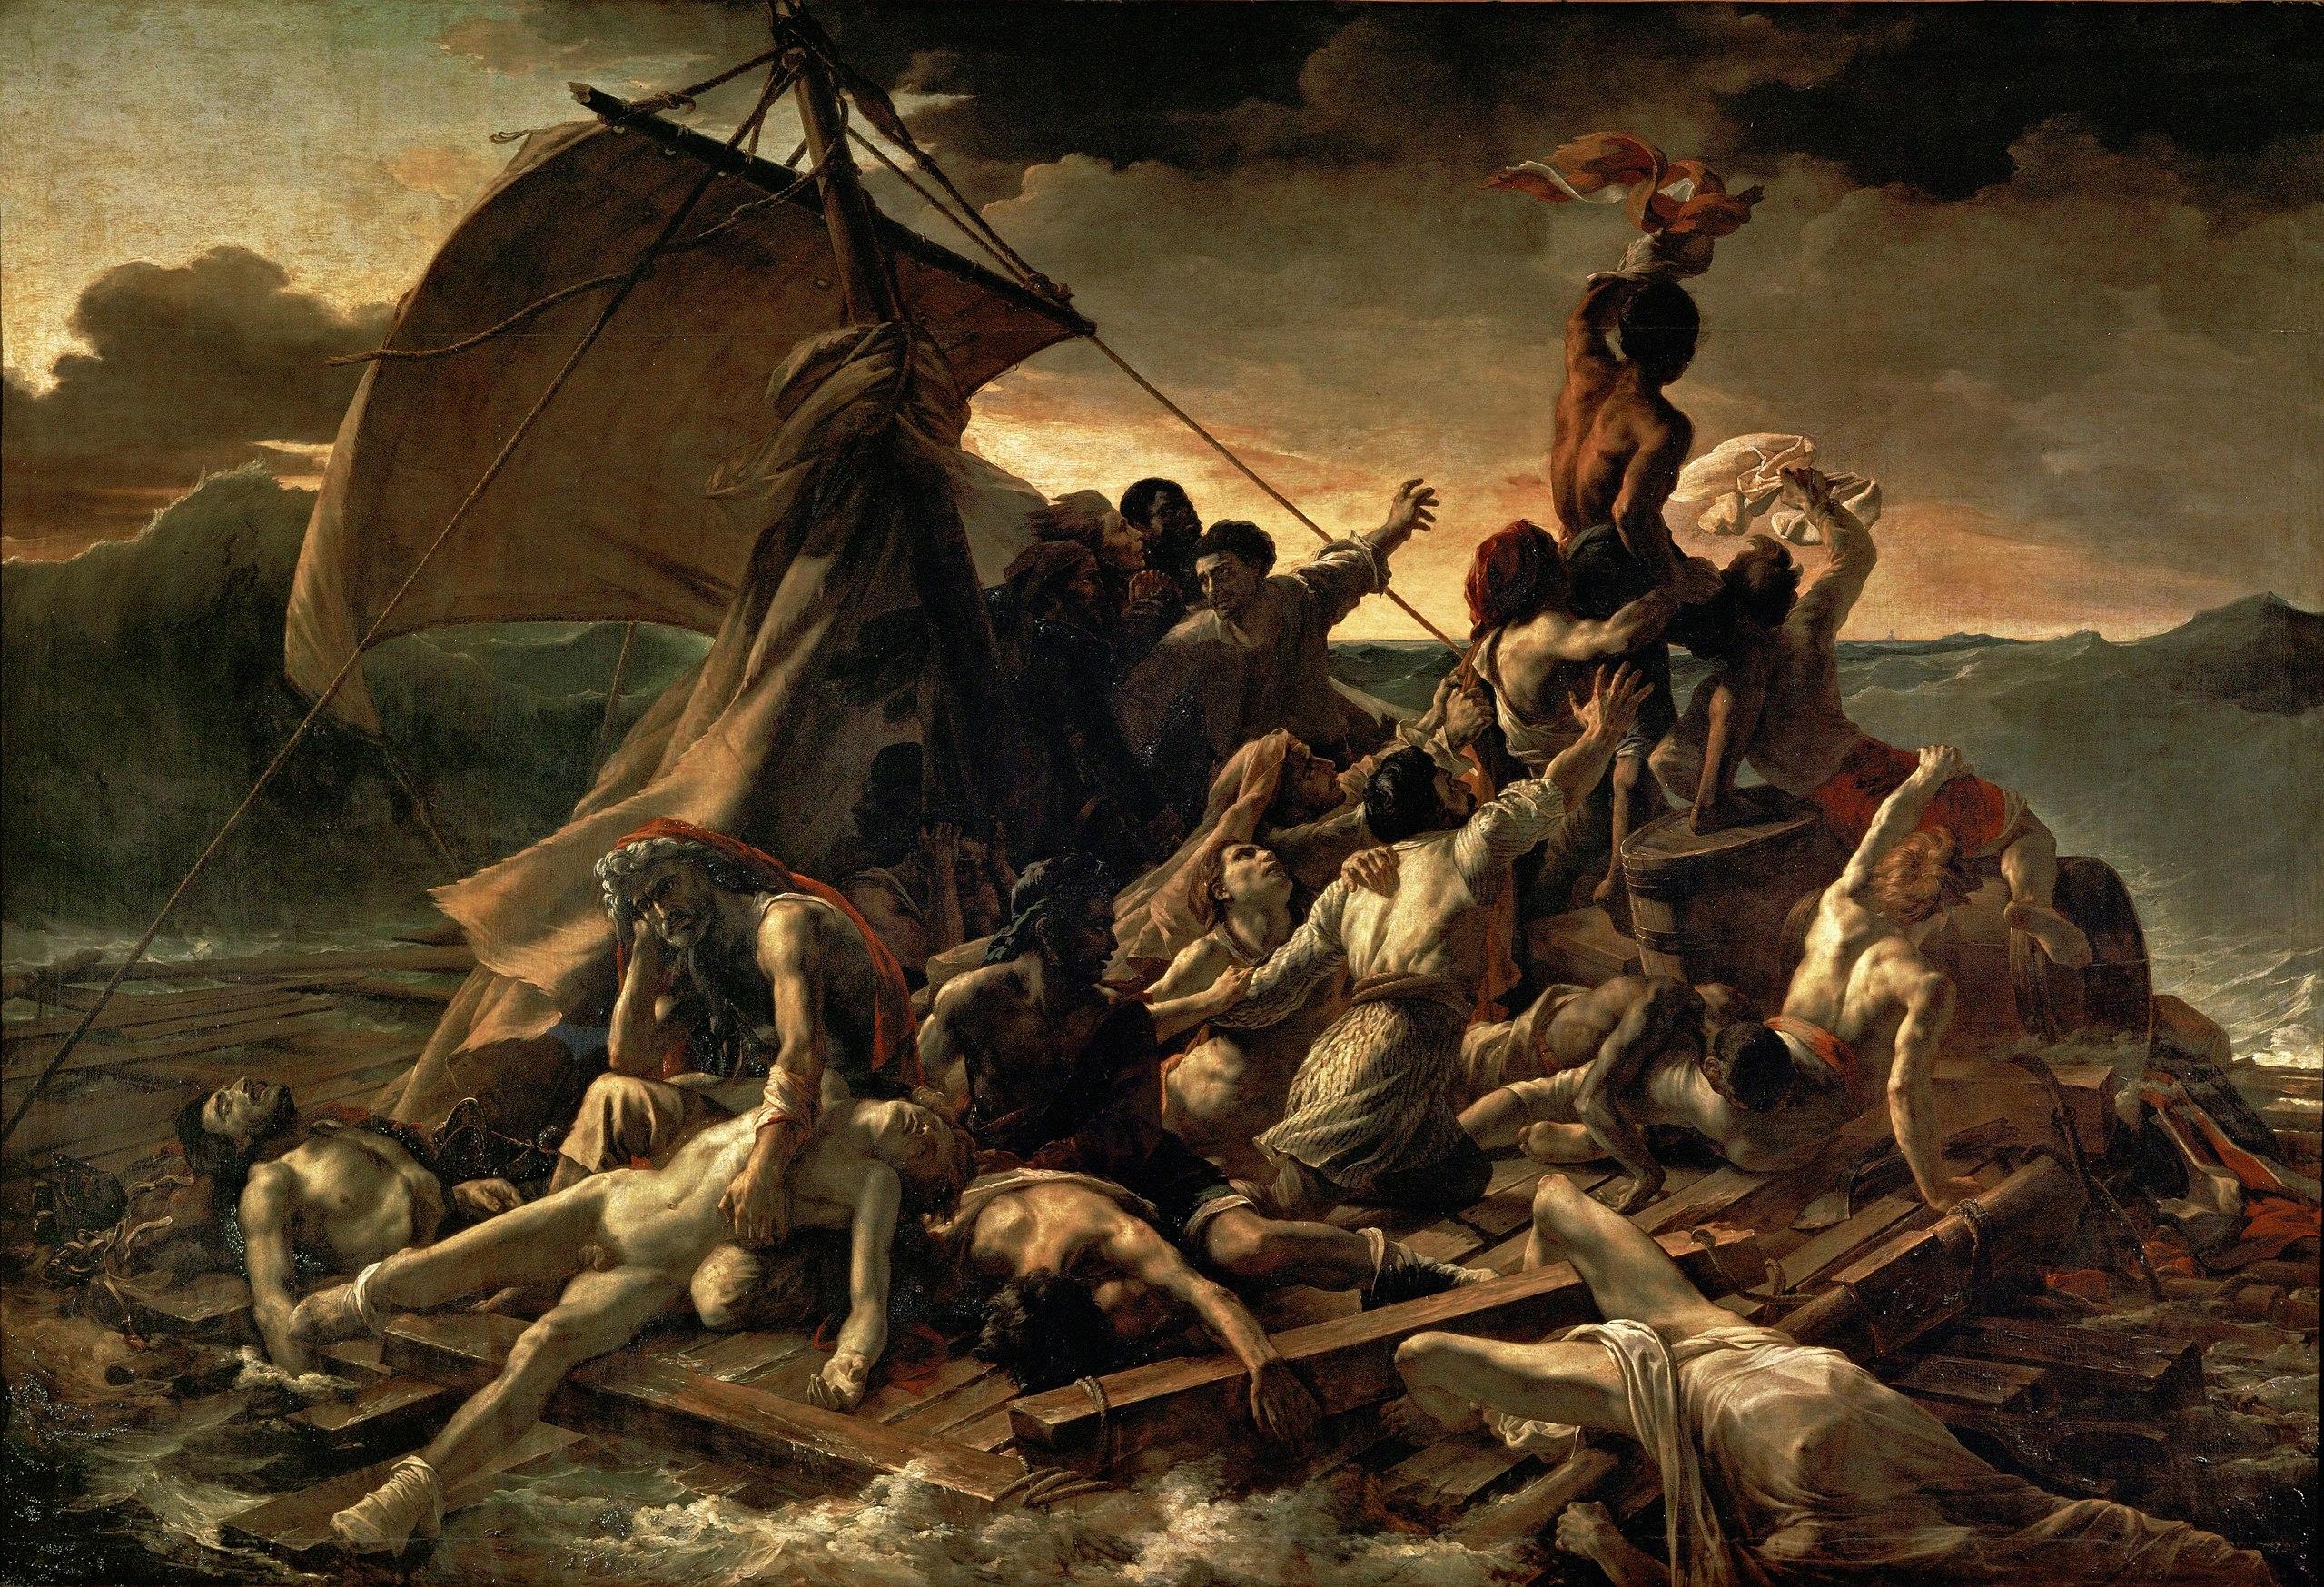 2560px-JEAN_LOUIS_THÉODORE_GÉRICAULT_-_La_Balsa_de_la_Medusa_(Museo_del_Louvre,_1818-19)